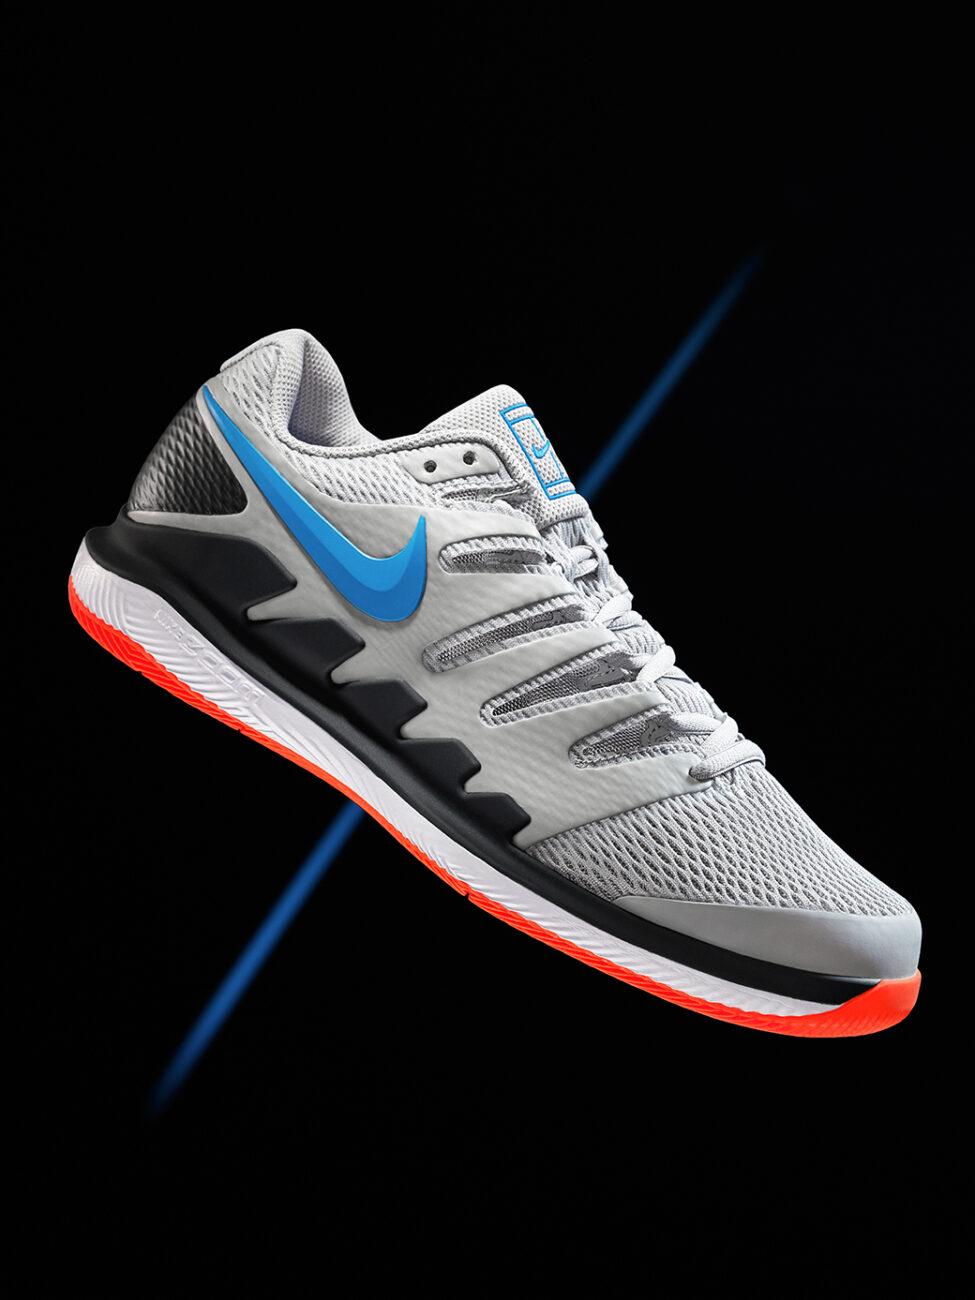 Nike Air Zoom Vapor X Tennisschuhe Produktfoto